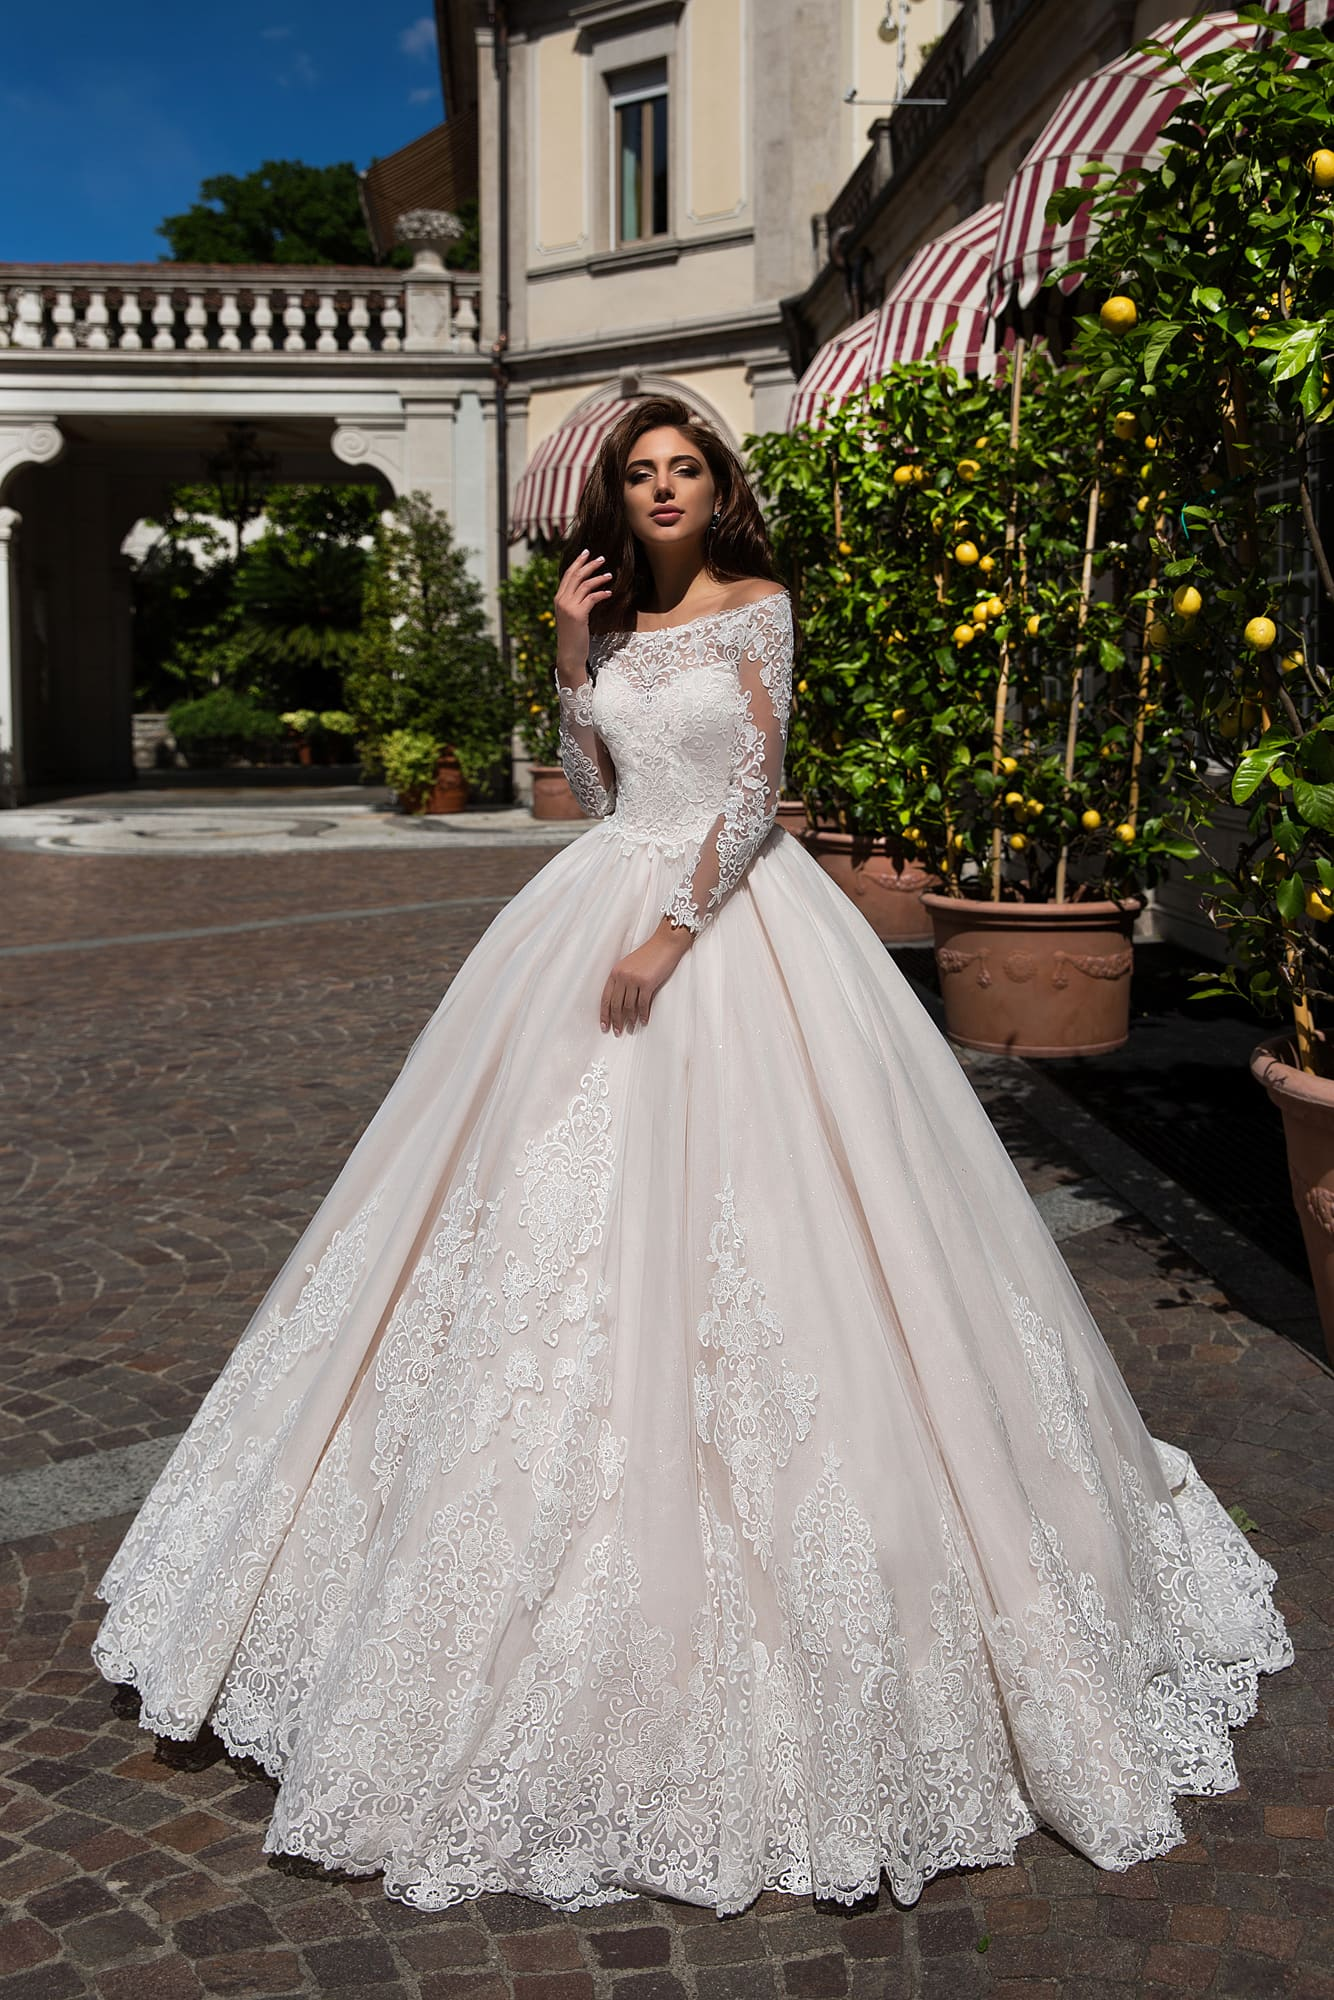 bbf6c290301 Пышное свадебное платье с эффектным портретным вырезом и рукавами из  кружевной ткани.